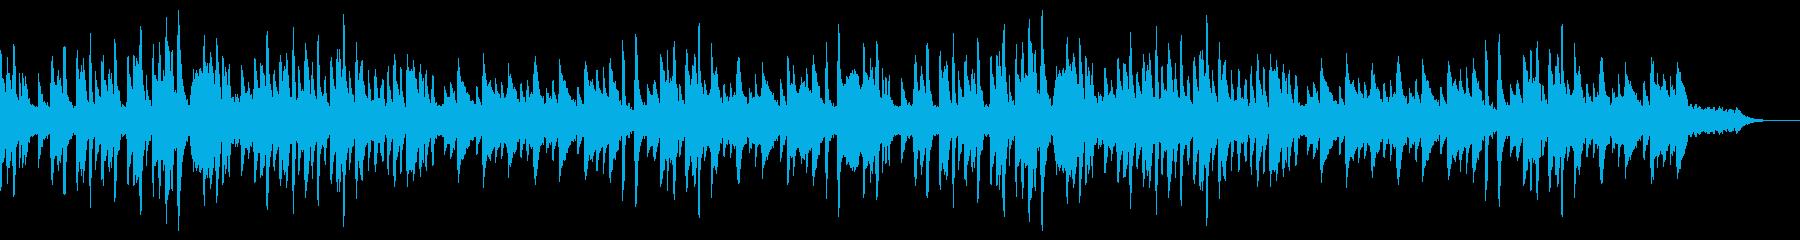 和風のBGMの再生済みの波形